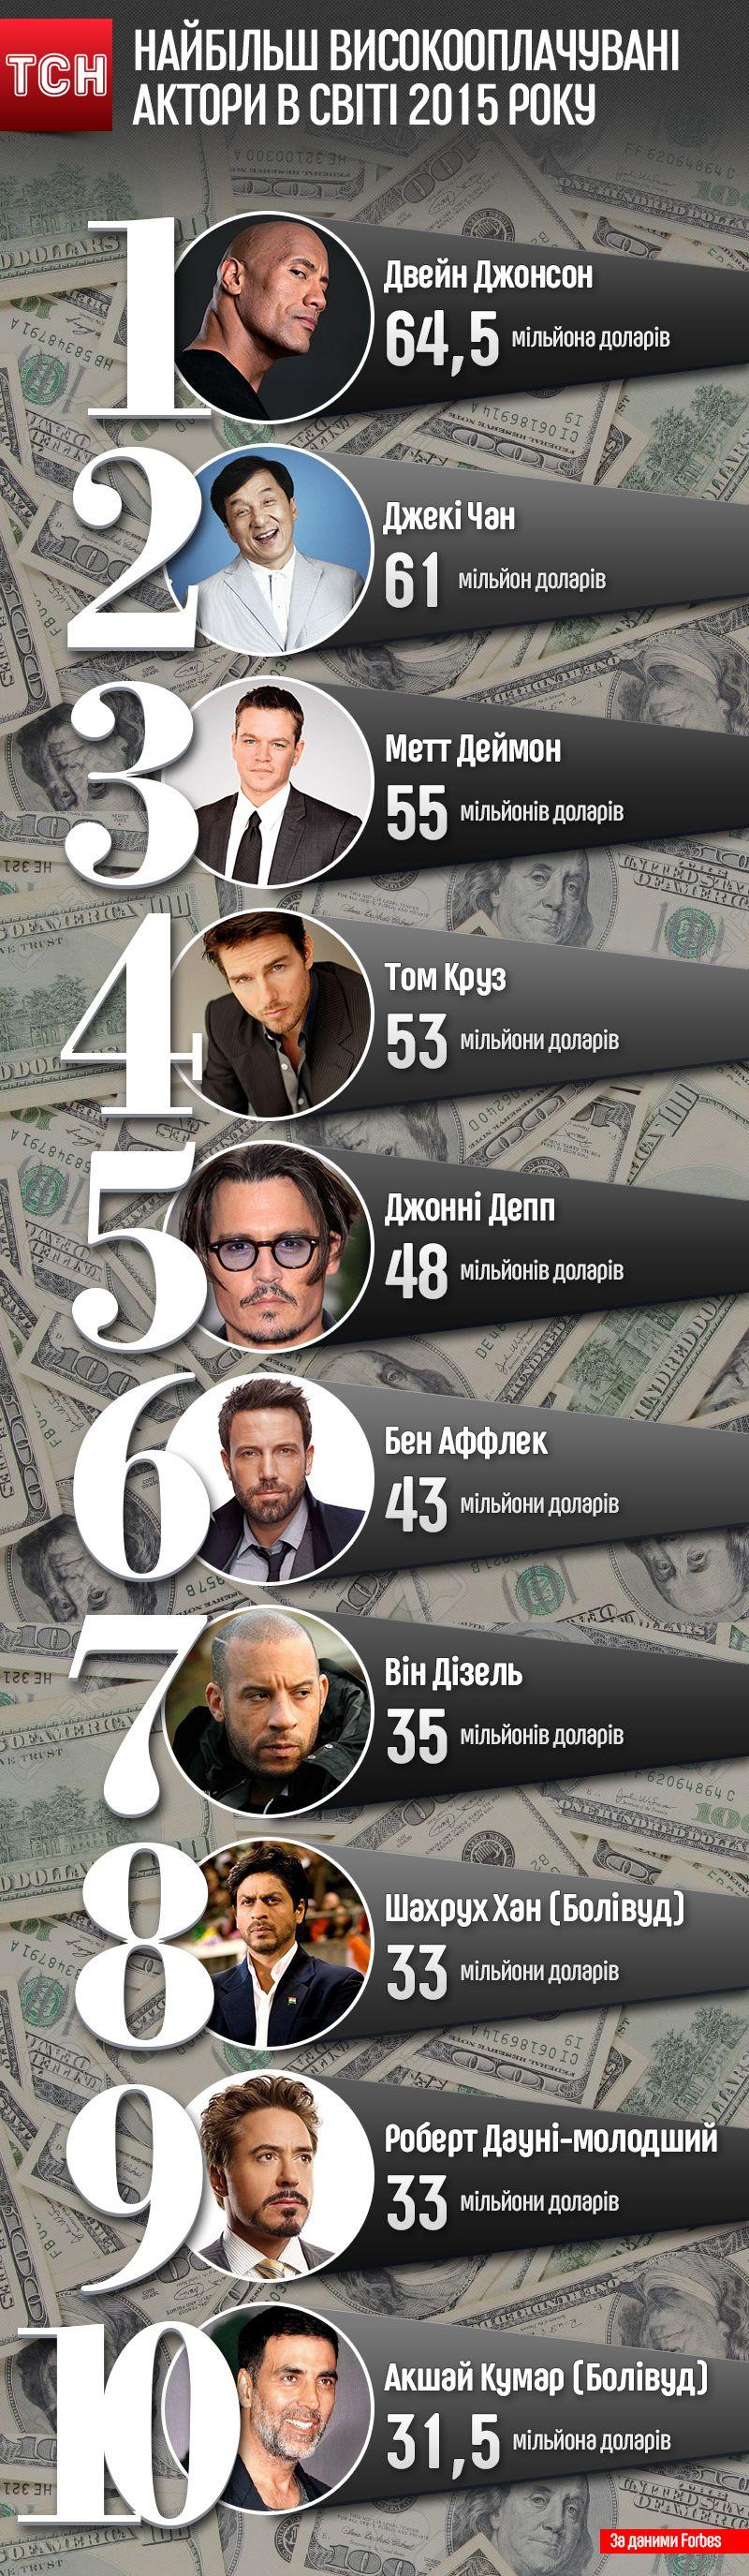 Инфографика. Самые высокооплачиваемые актеры года